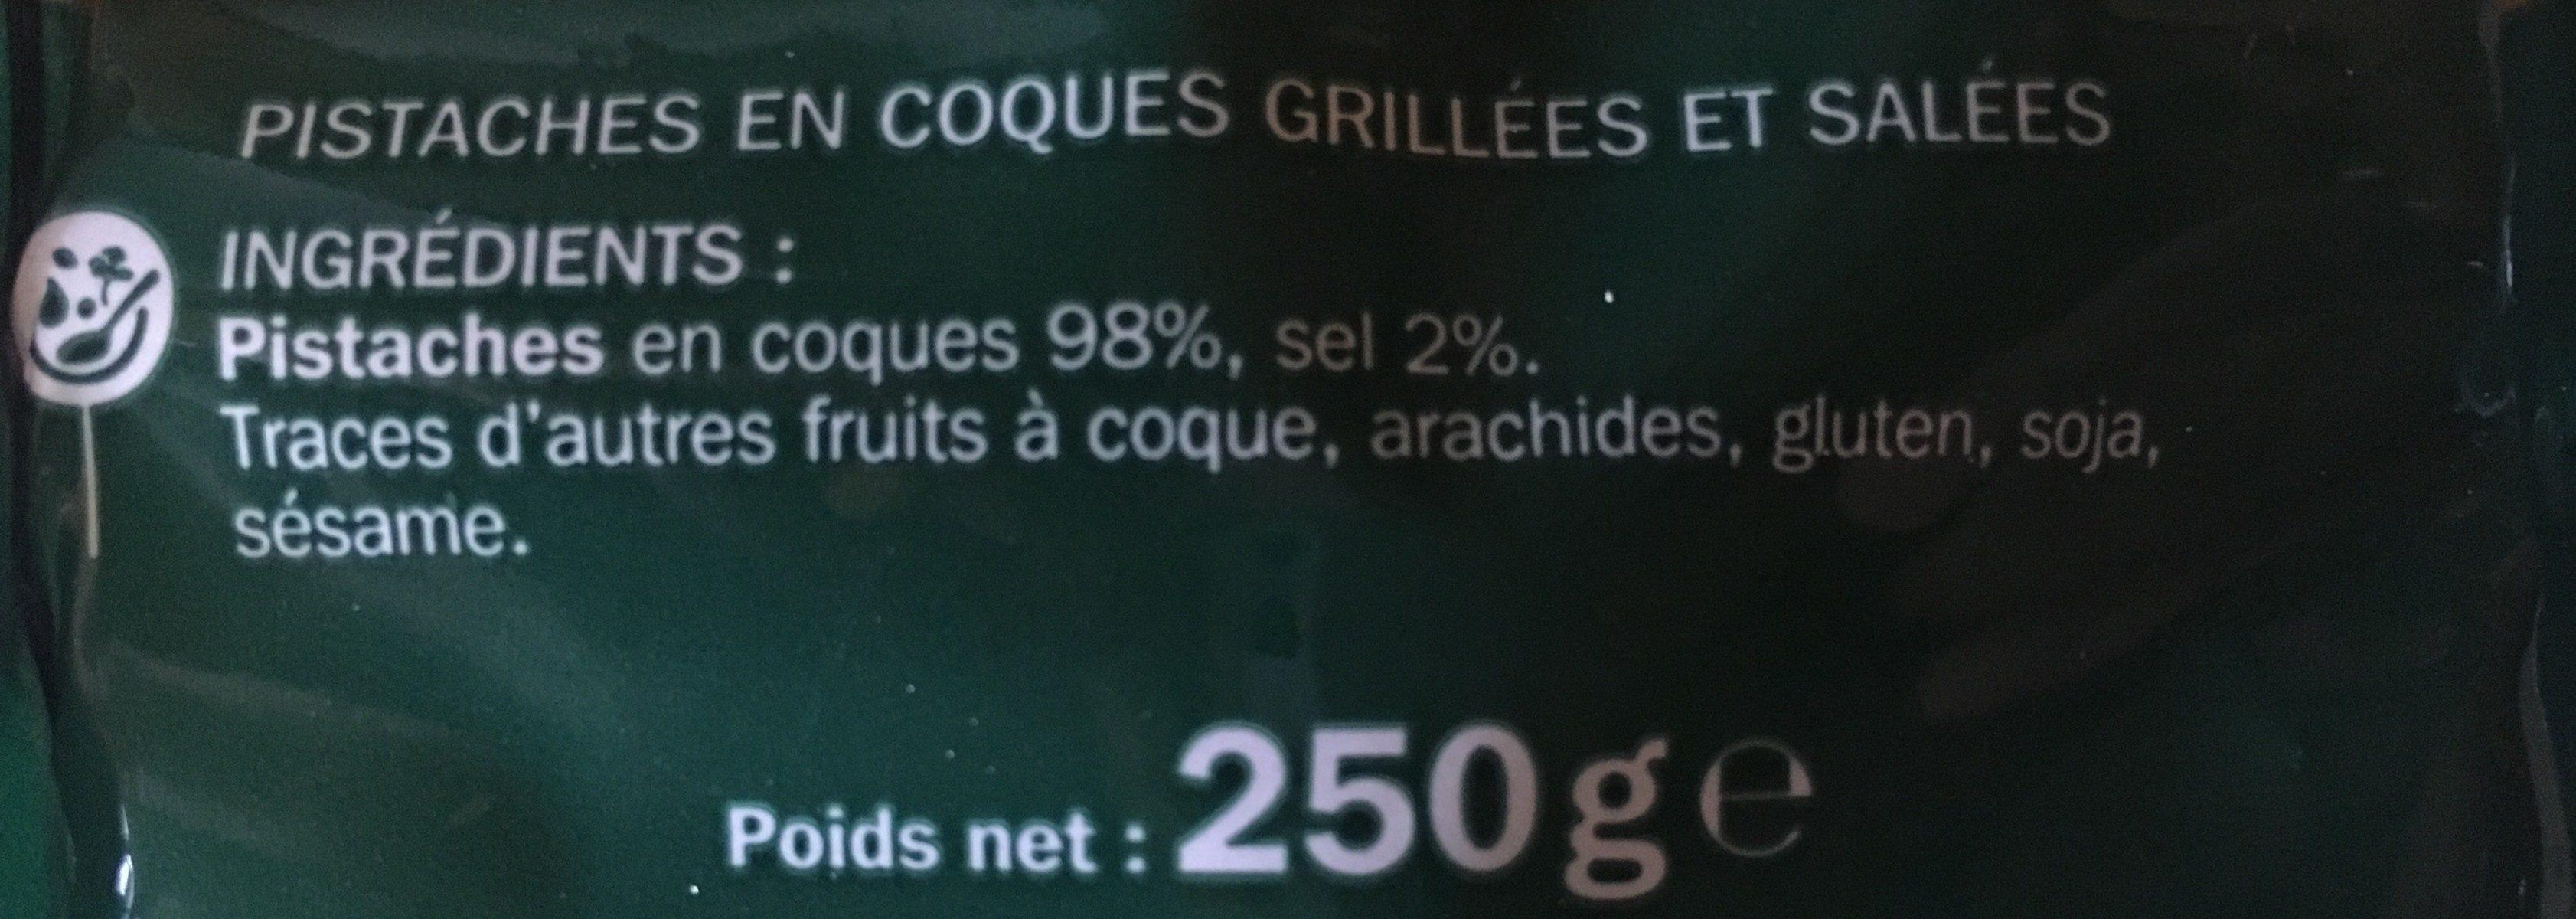 Pistaches salées - Ingredients - fr